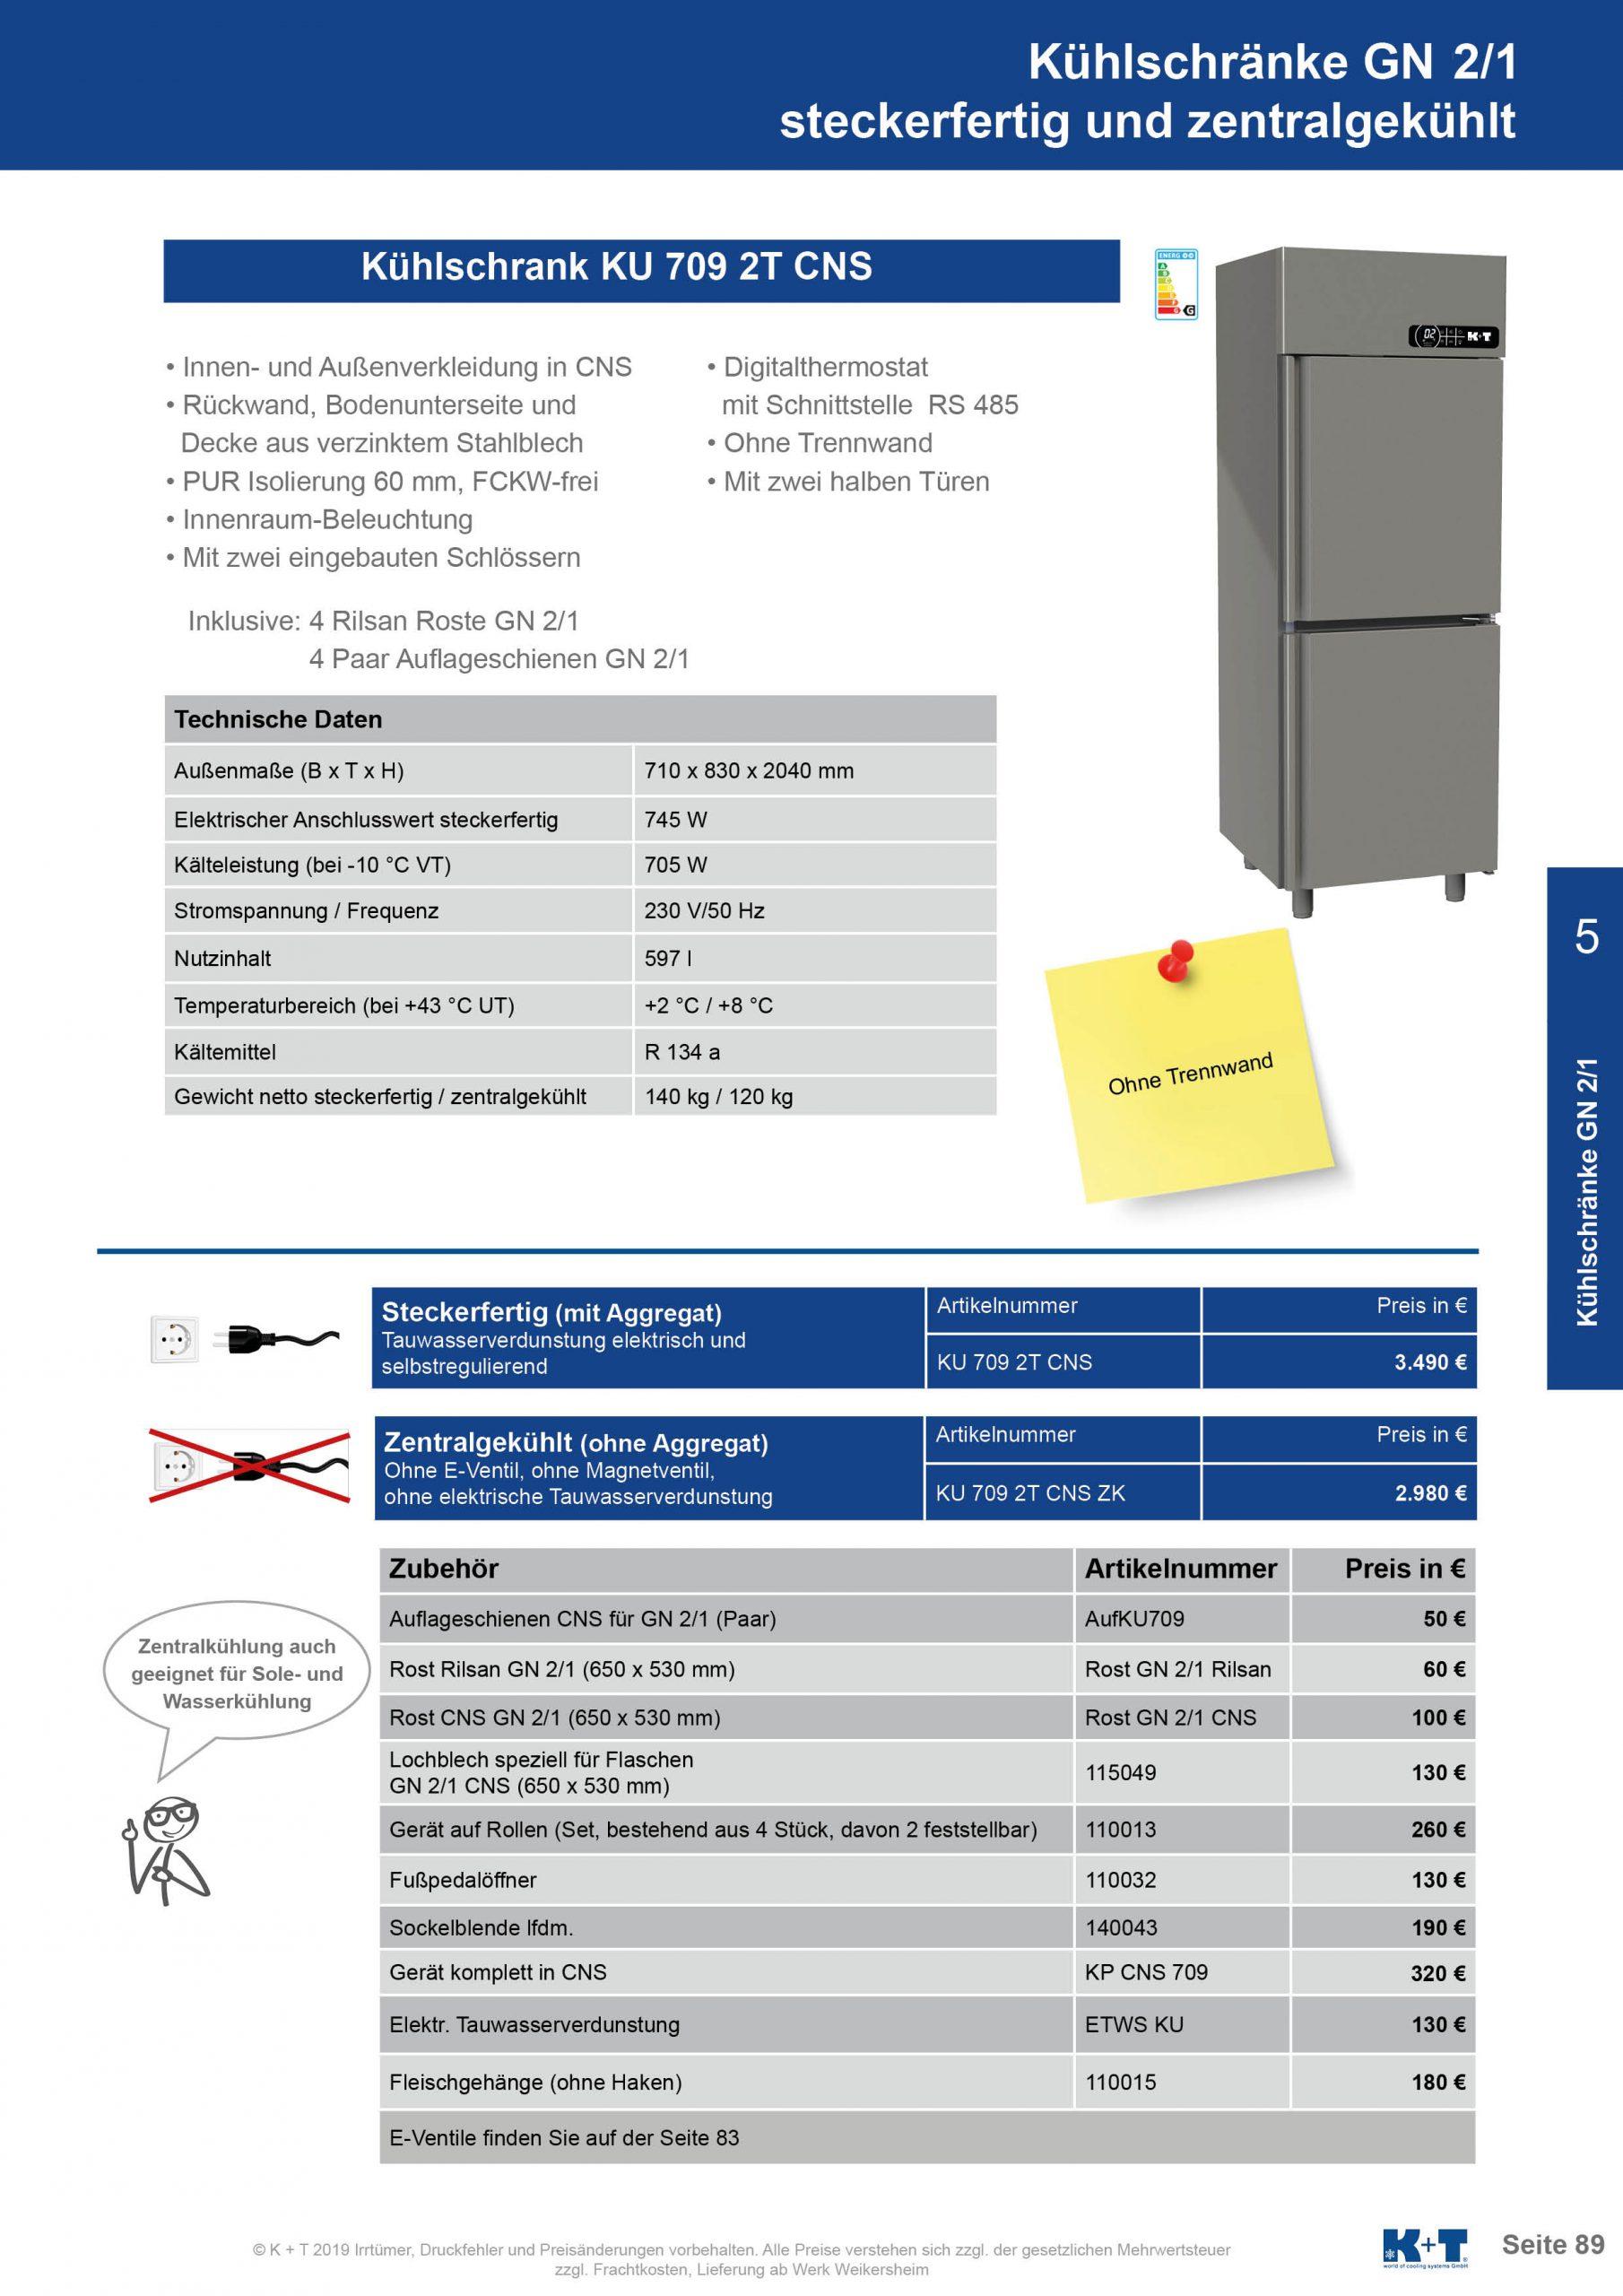 Kühlschränke GN 2_1 Kühlschrank mit 2 halben Türen zentralgekühlt